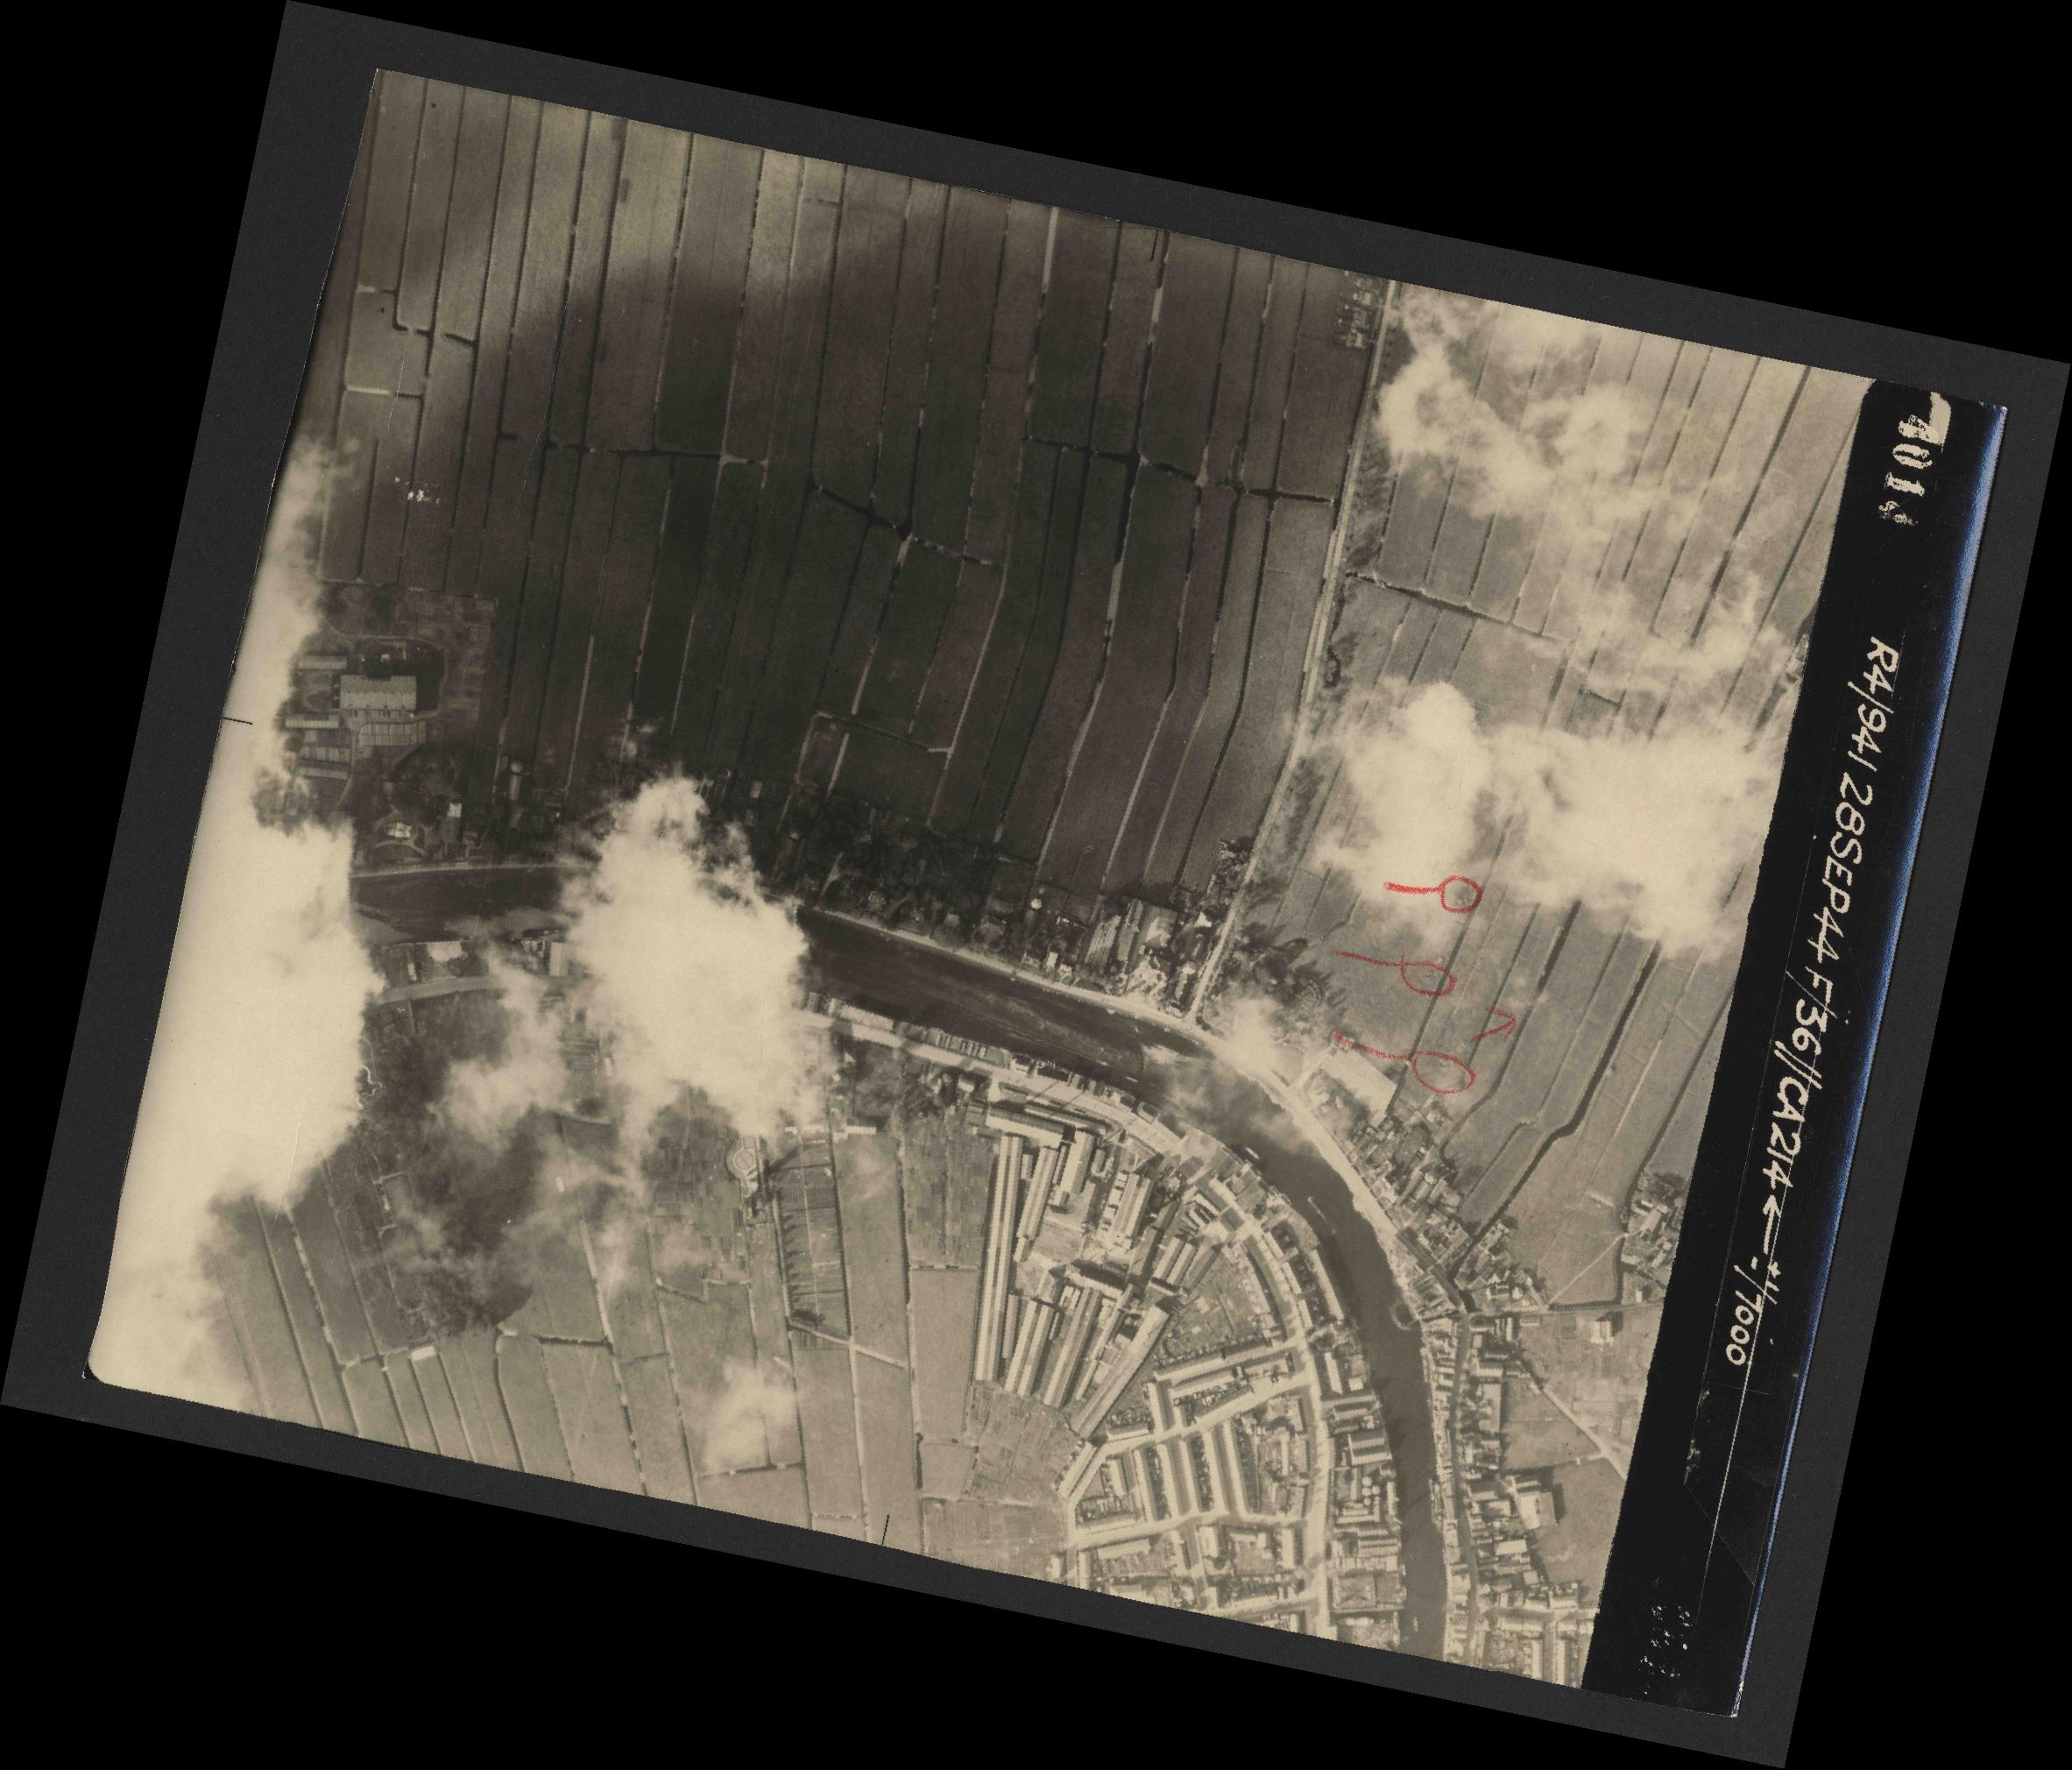 Collection RAF aerial photos 1940-1945 - flight 067, run 04, photo 4014